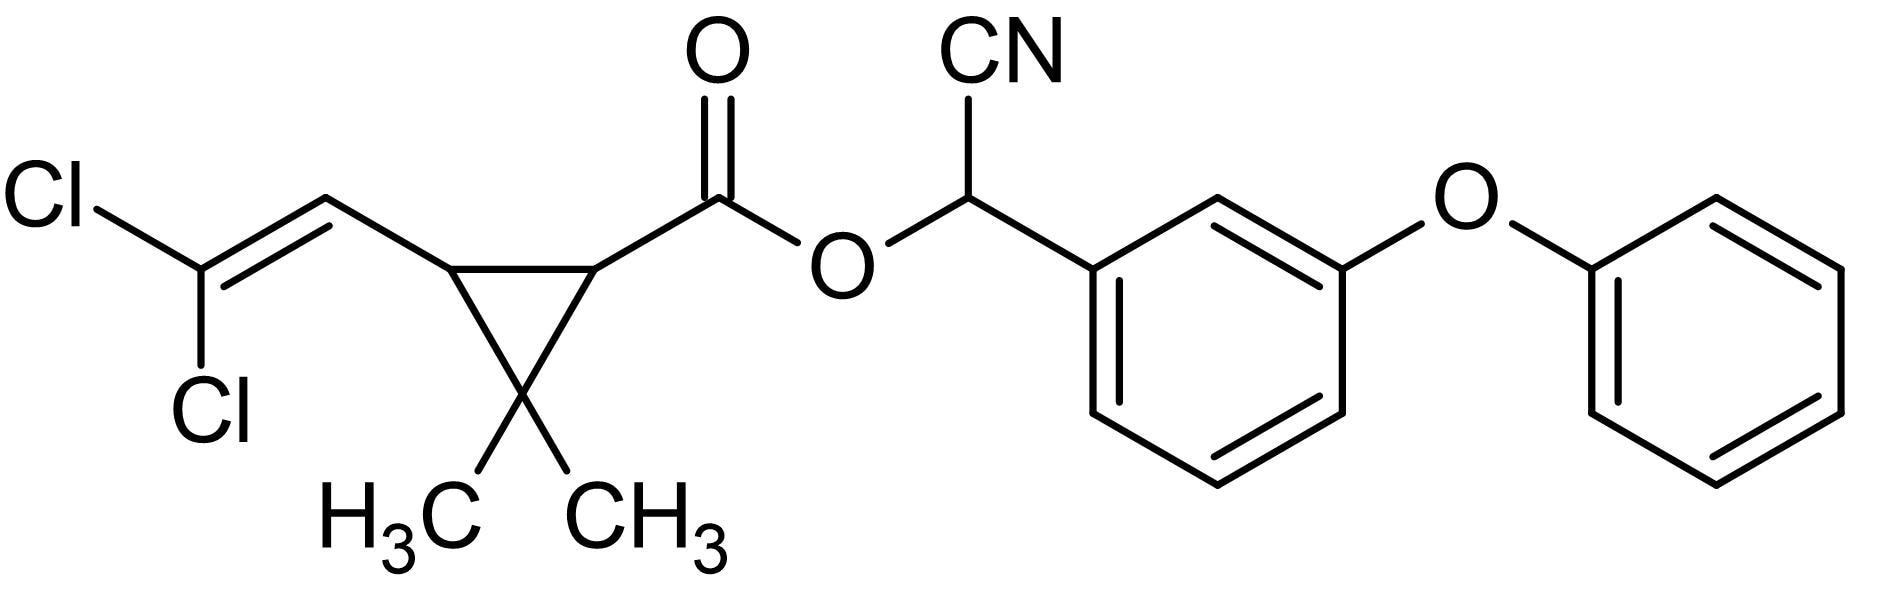 Chemical Structure - Cypermethrin, Neurotoxin (ab141018)